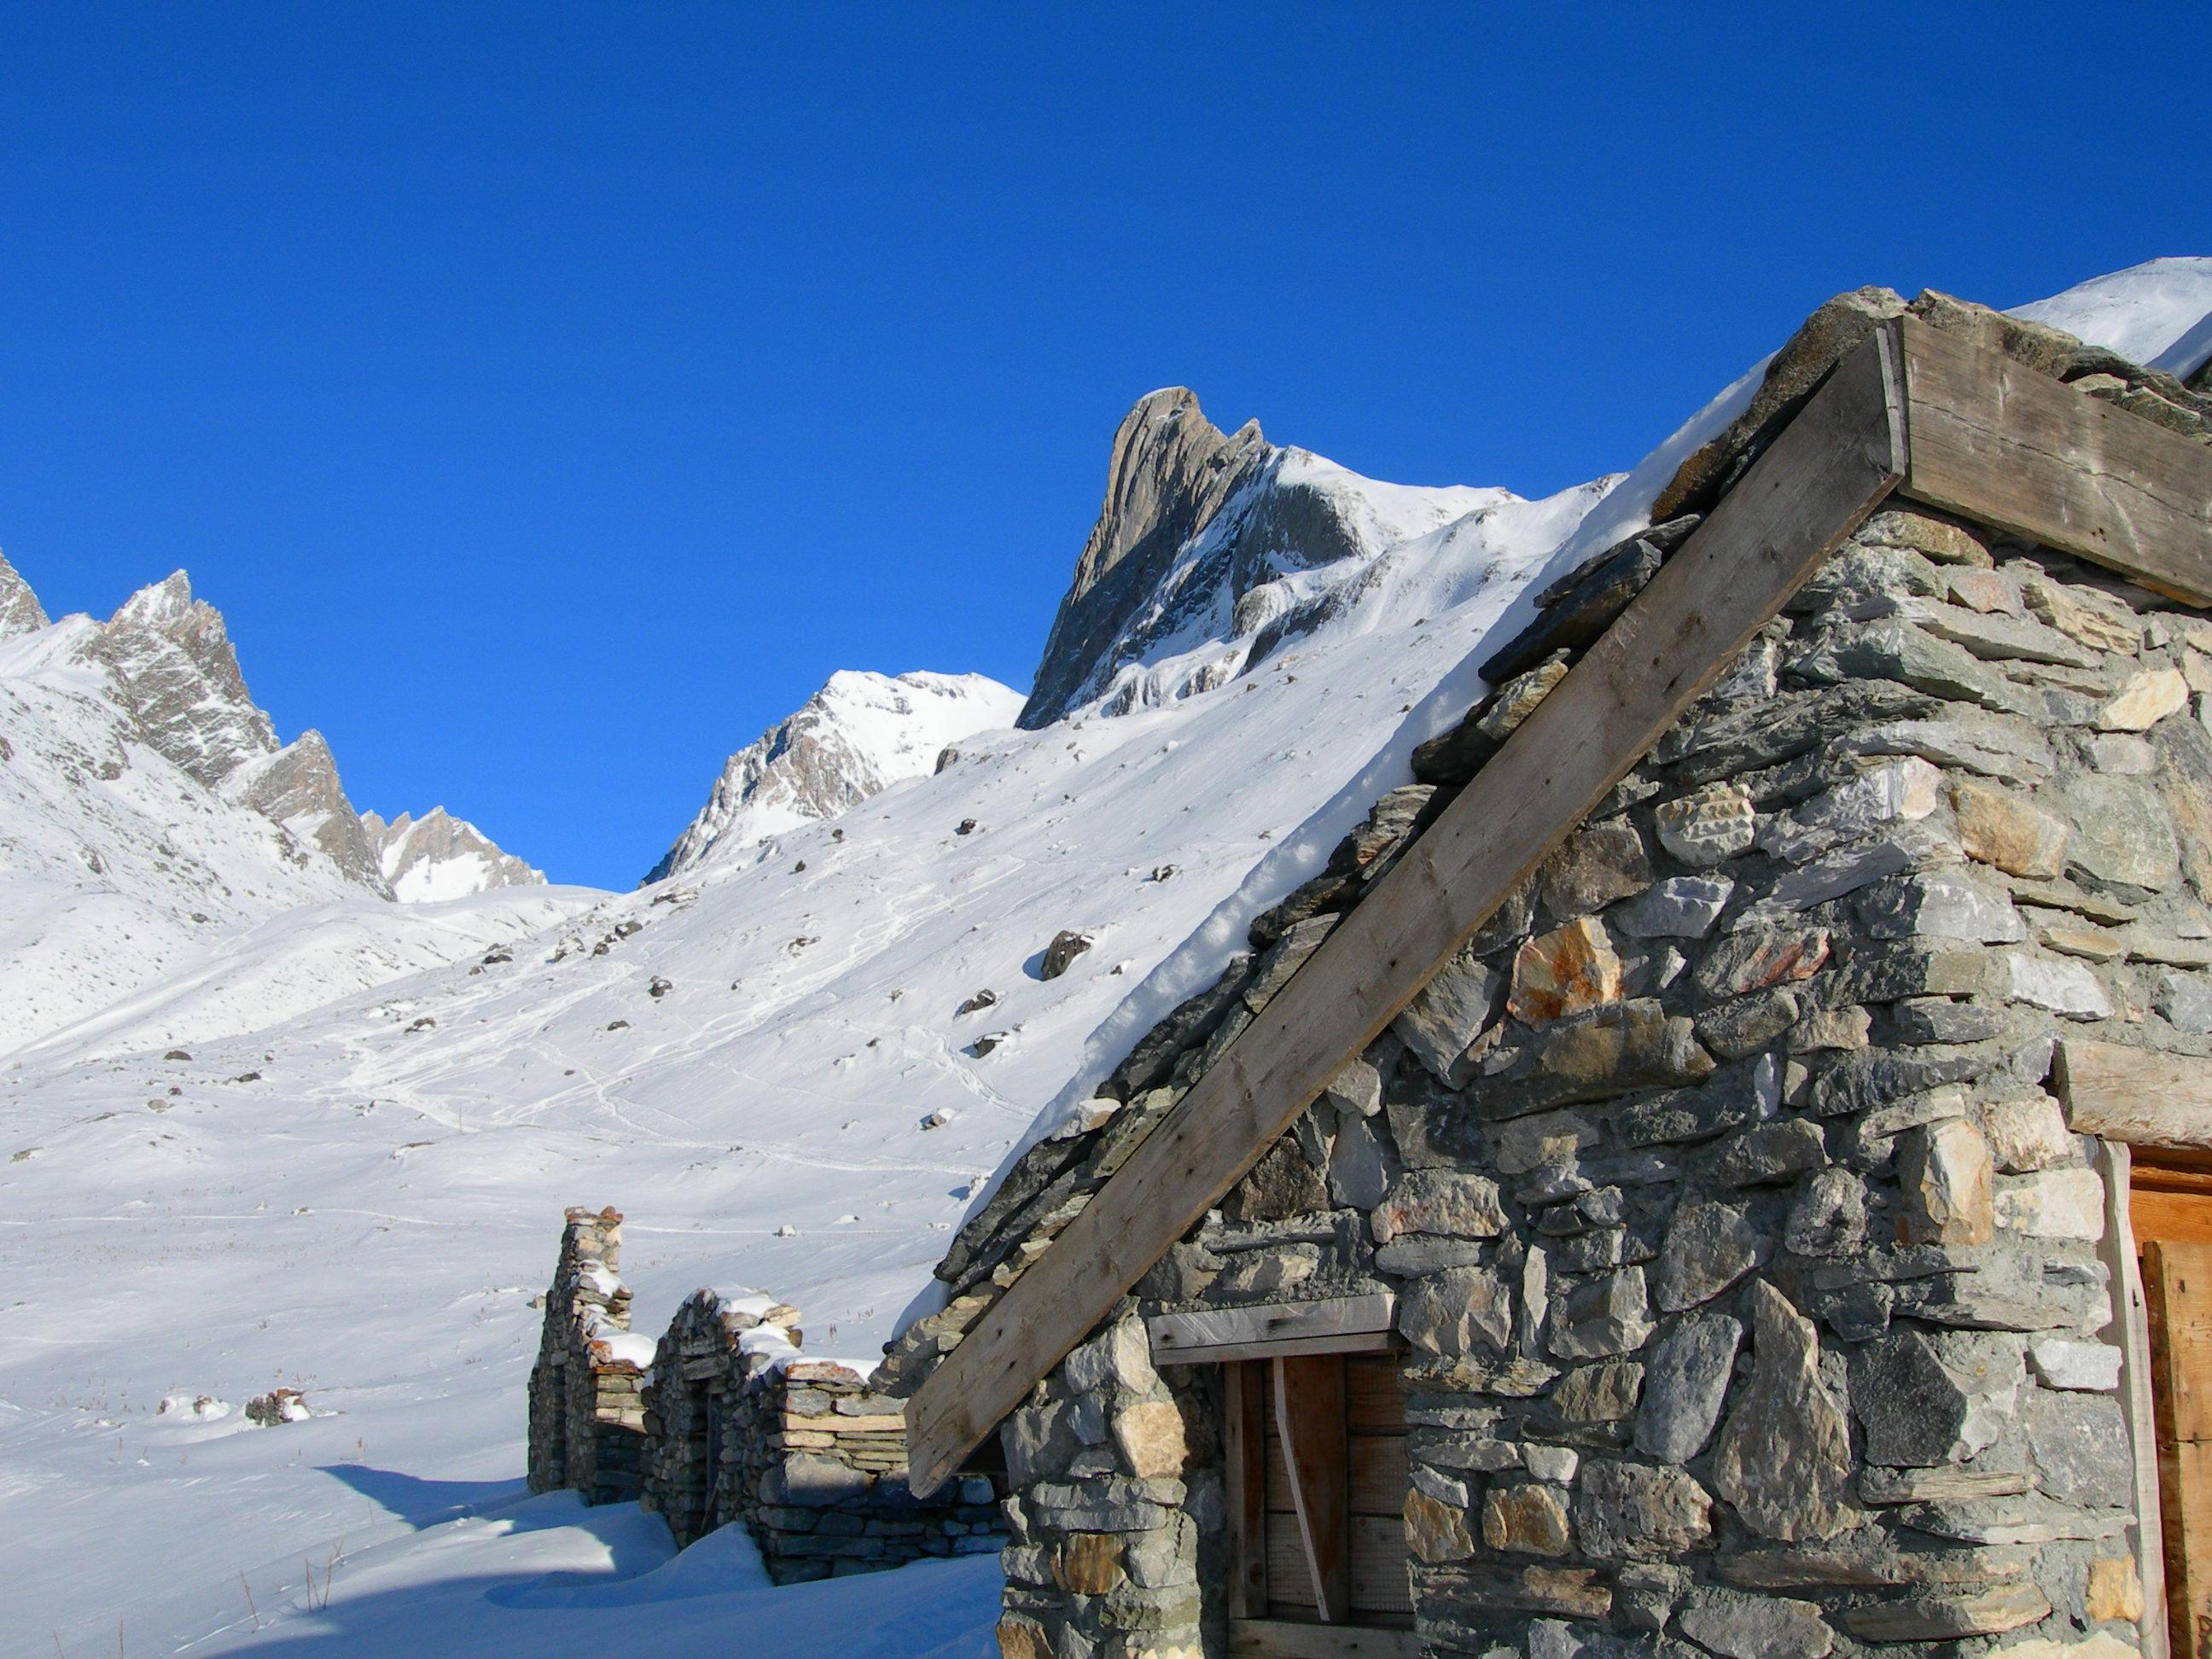 Pralognan-la-Vanoise, chalet d'alpage - D. Dereani, Fondation Facim